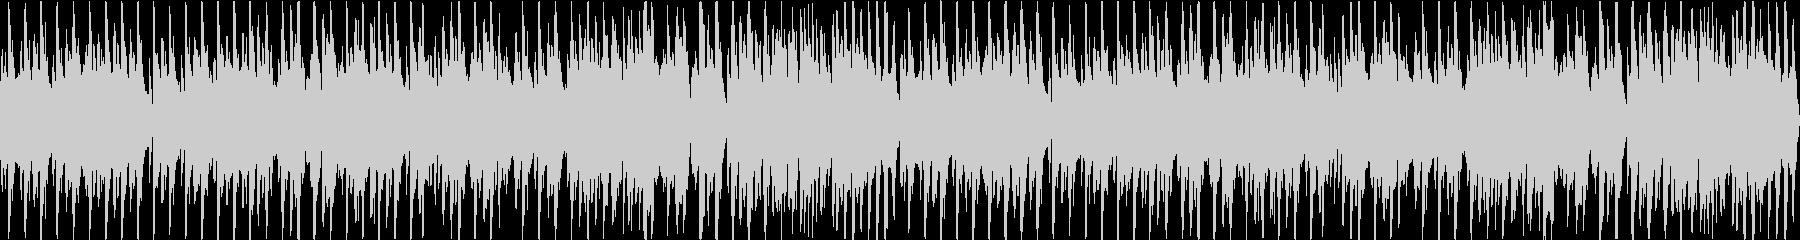 ほのぼのとしたオーケストラBGMループ可の未再生の波形